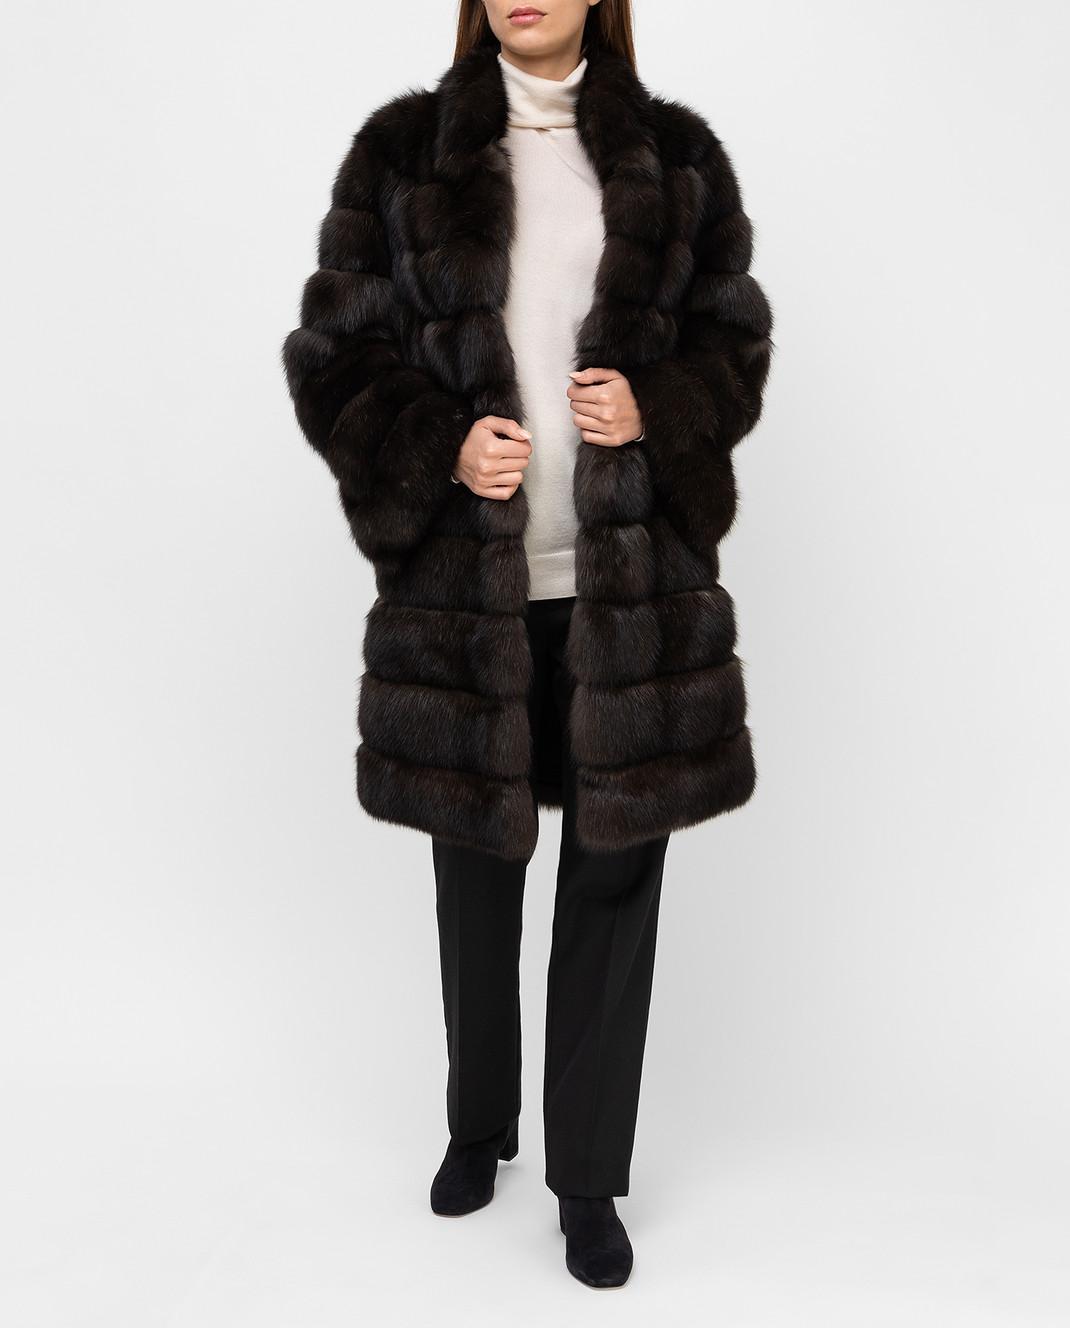 Real Furs House Темно-коричневая шуба из соболя SBR28622DARKSILV290 изображение 2